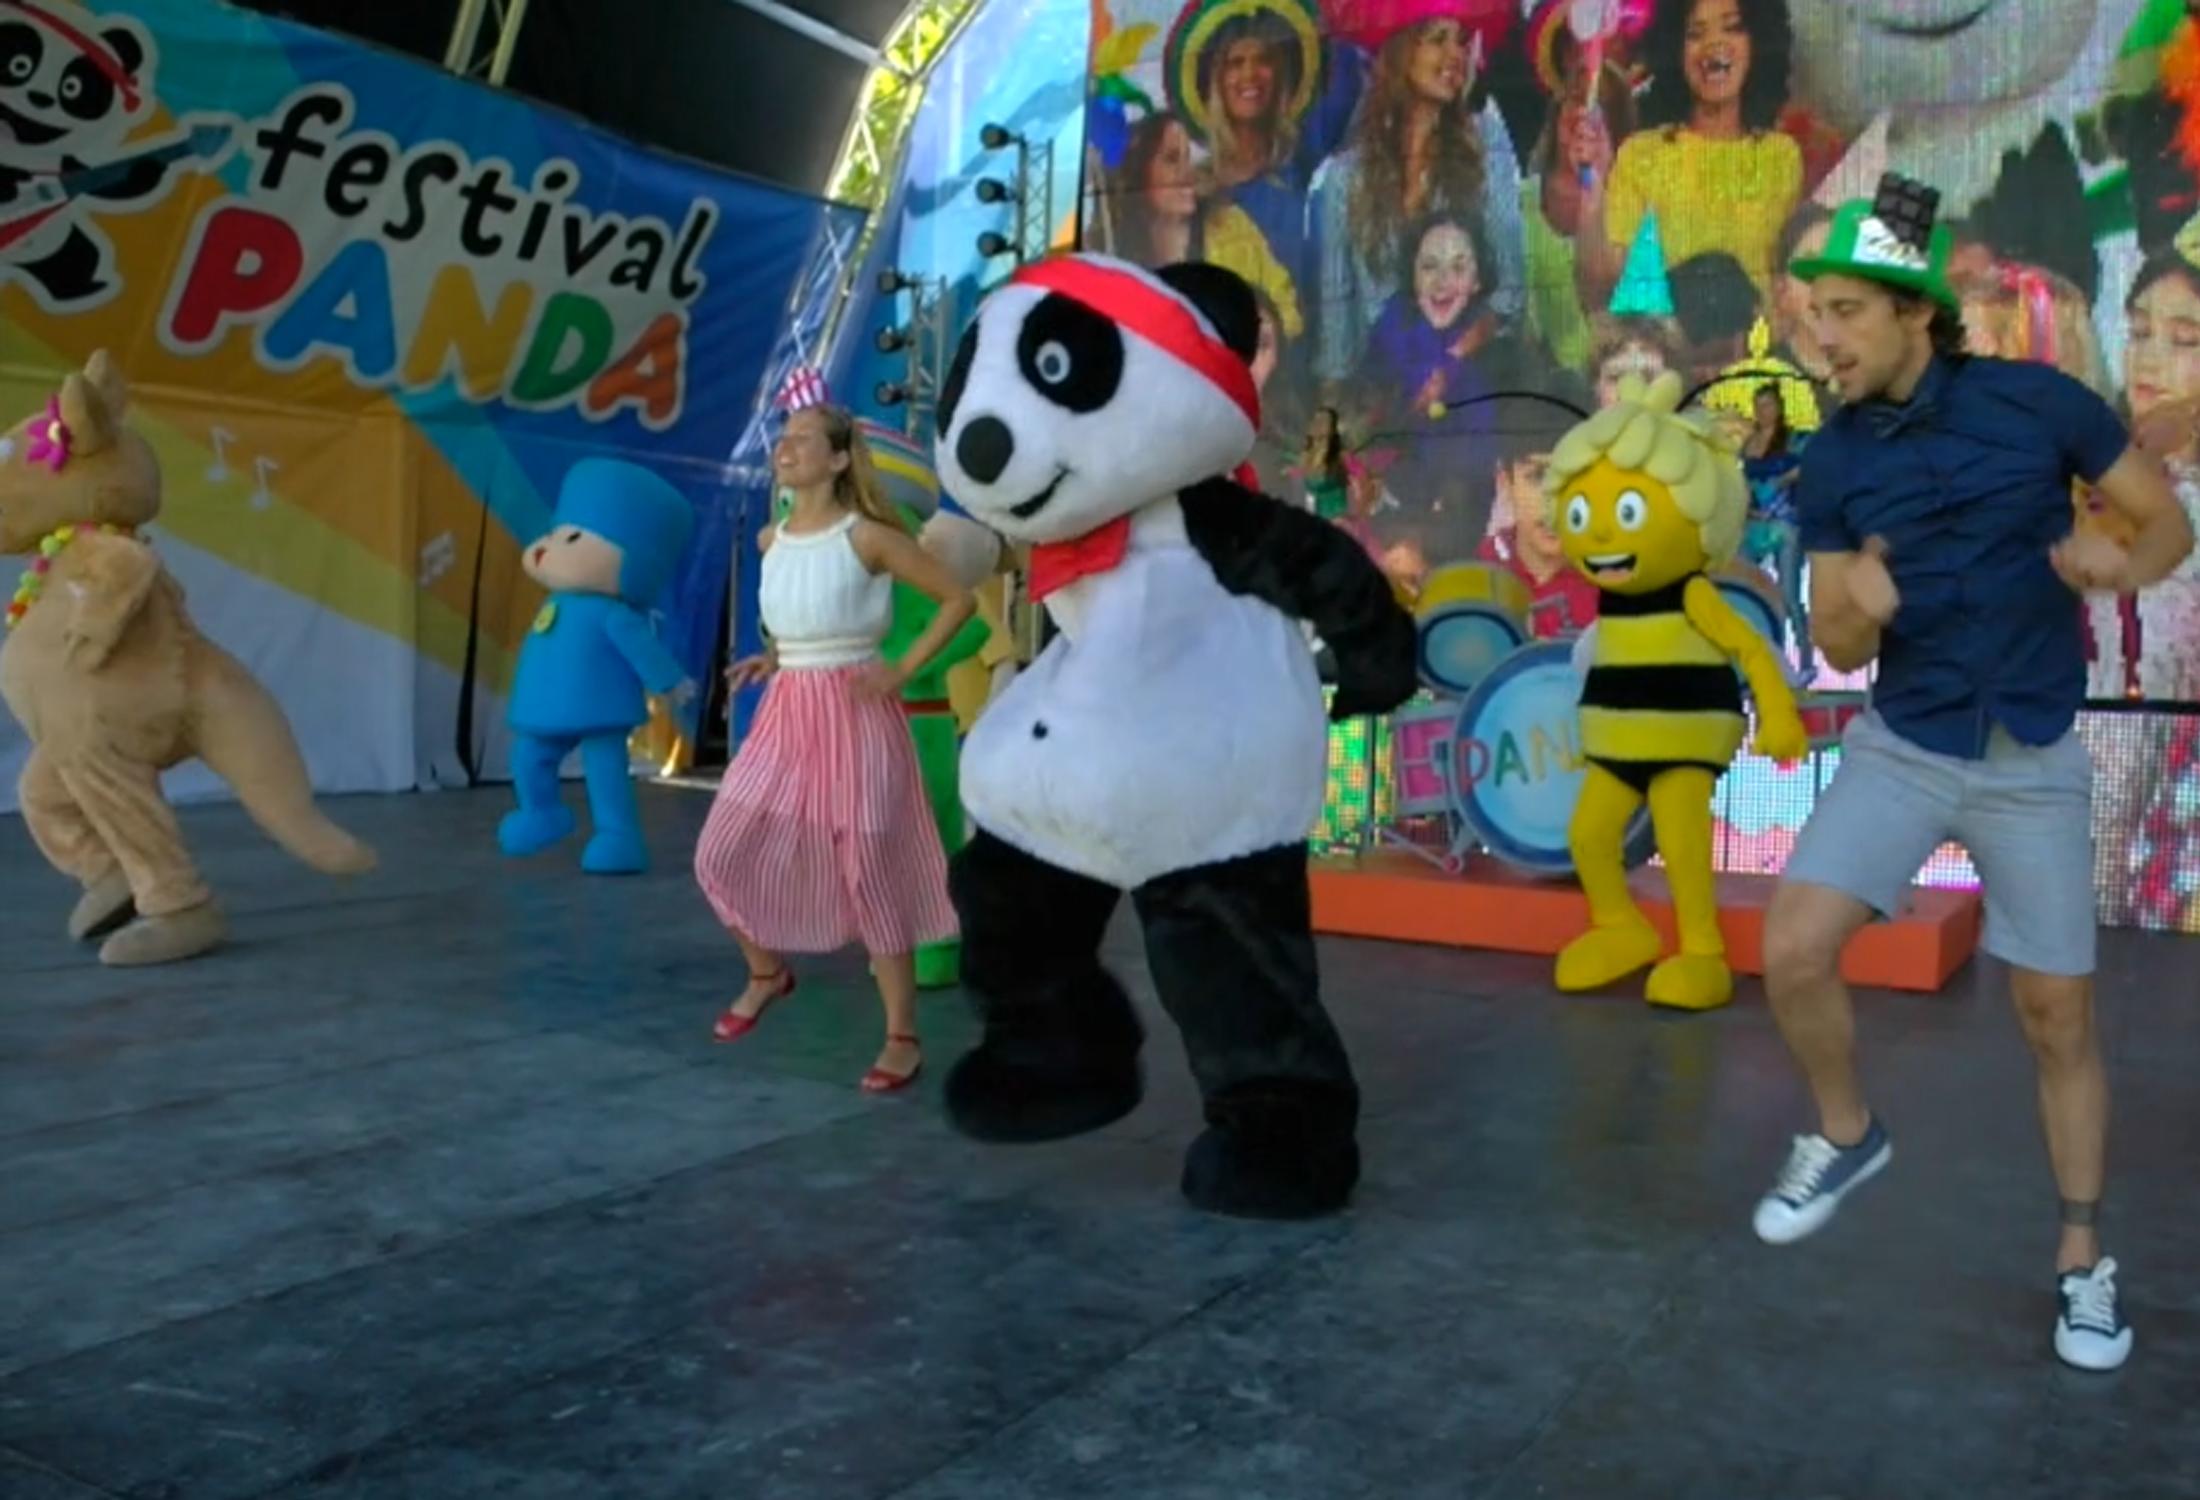 Festival Panda 2016 (Oeiras)